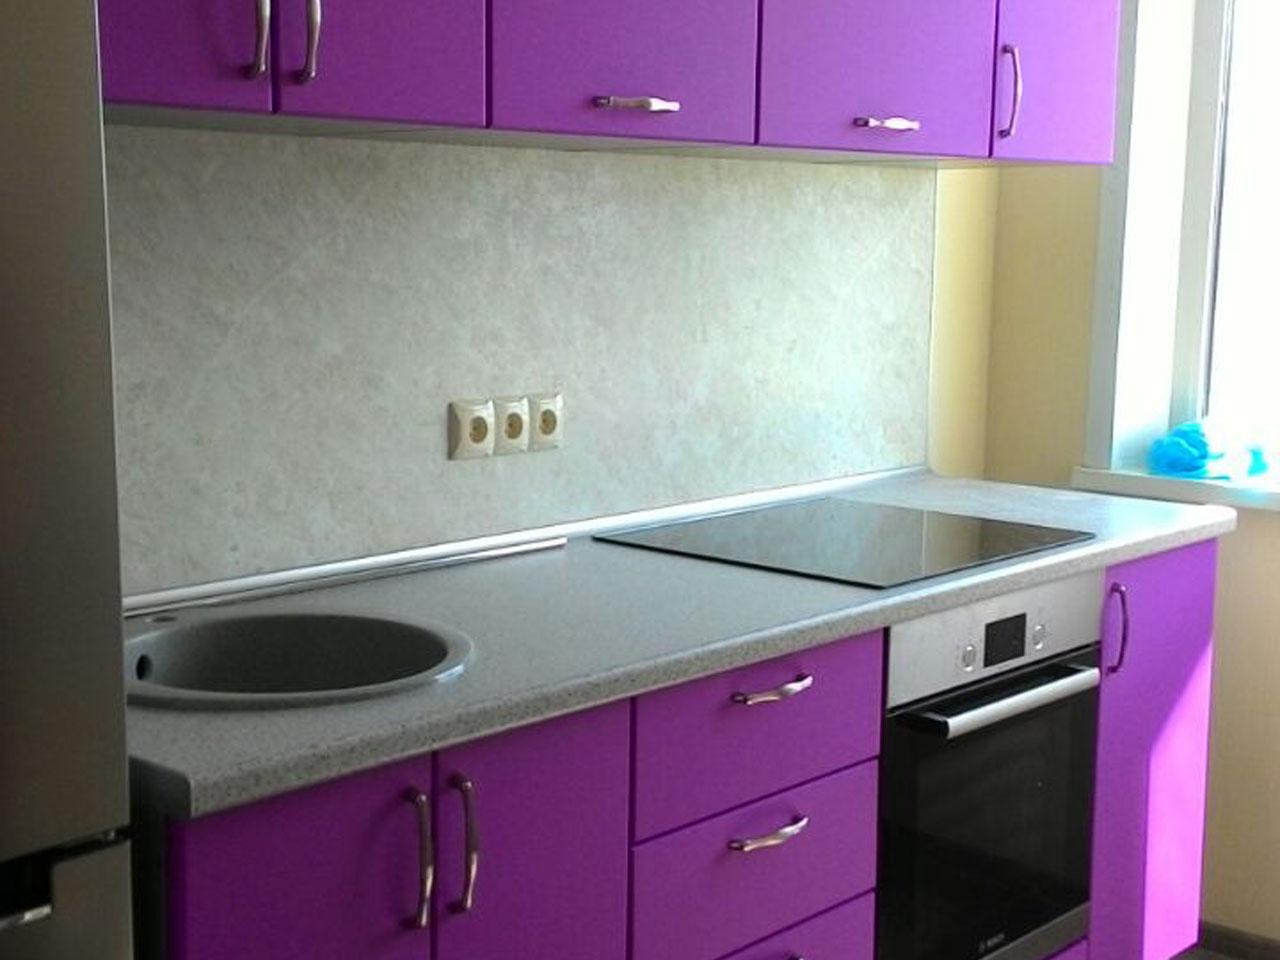 Фото. Кухня эконом класса. Цена 40 тыс рублей